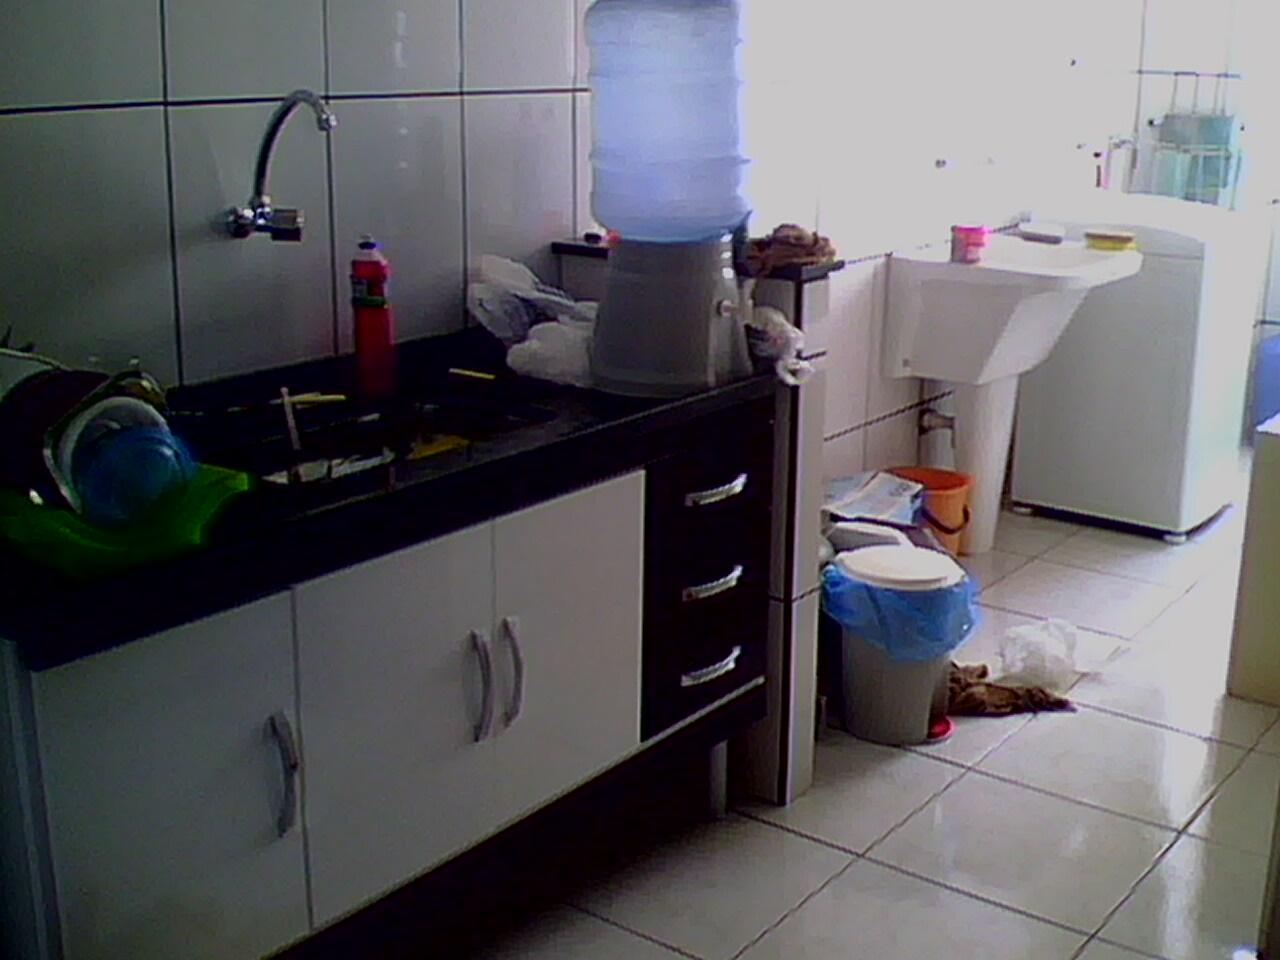 #4B5480  da cozinha mais para esquerda para aumentar a área da lavanderia 1280x960 px Projetos De Cozinha Com Lavanderia #261 imagens